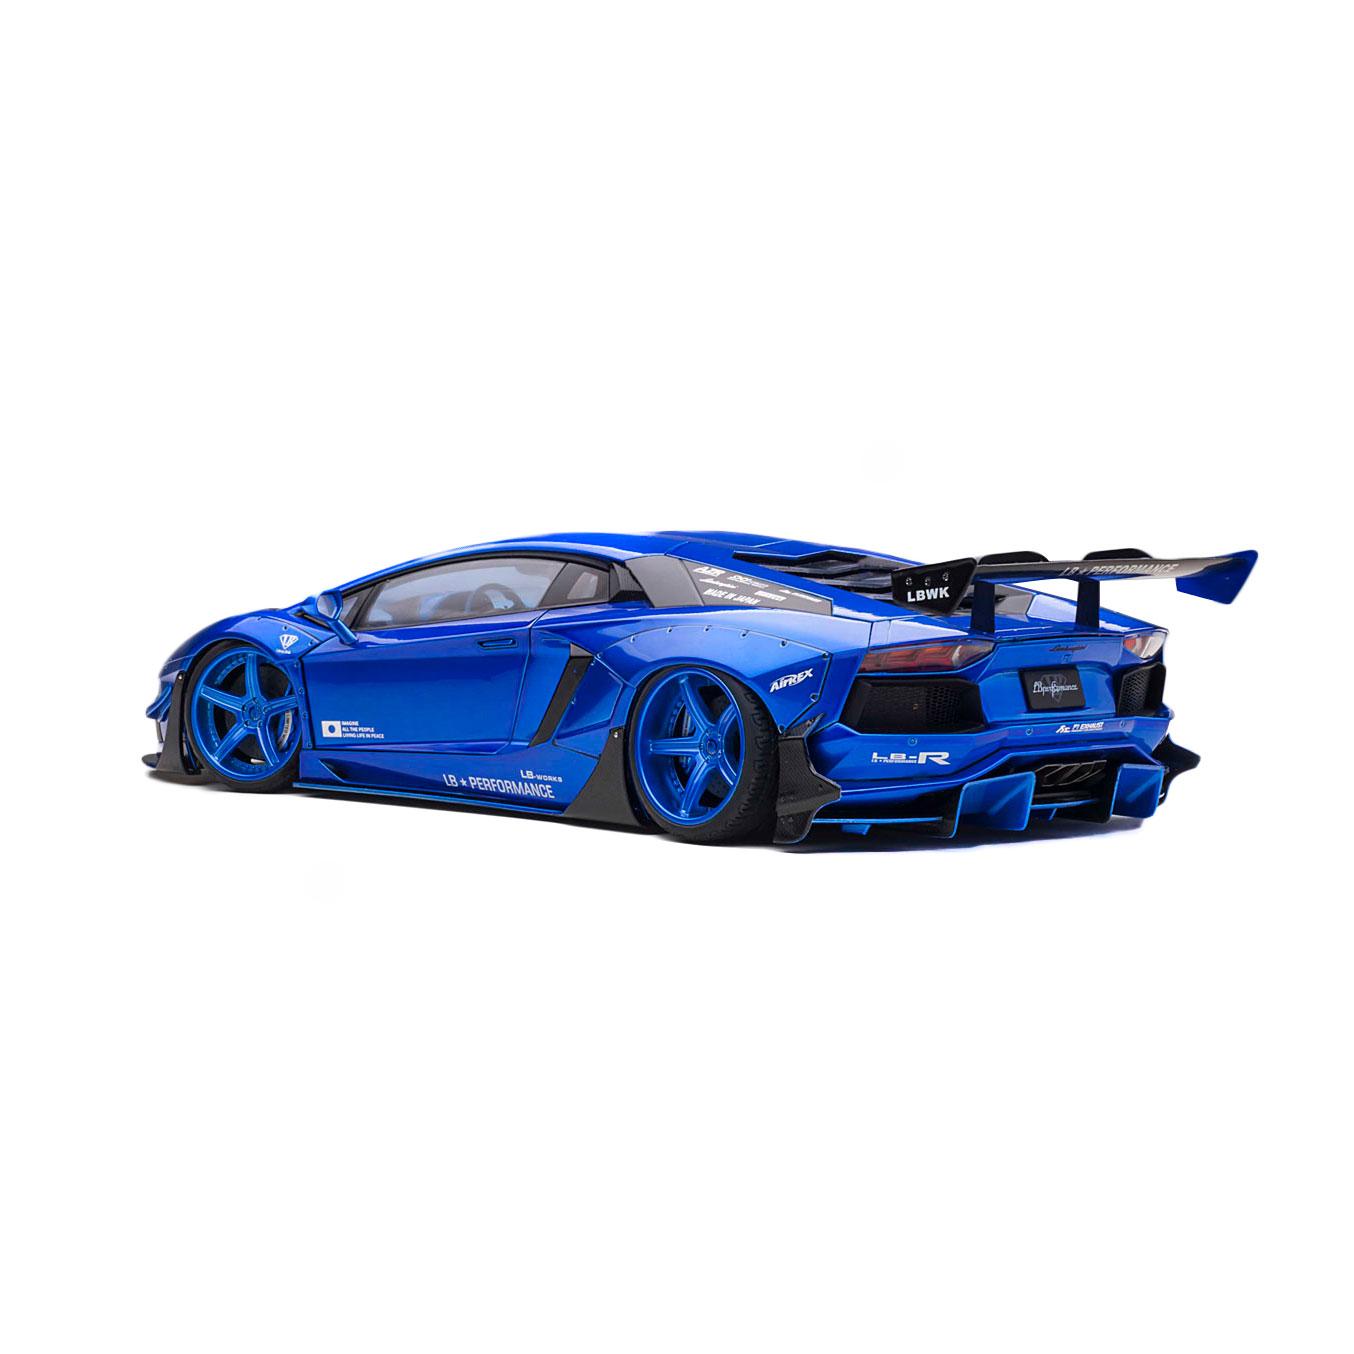 【予約】1/18Auto Art LB-WORKS Aventador LIMITED EDITION HyperBlue